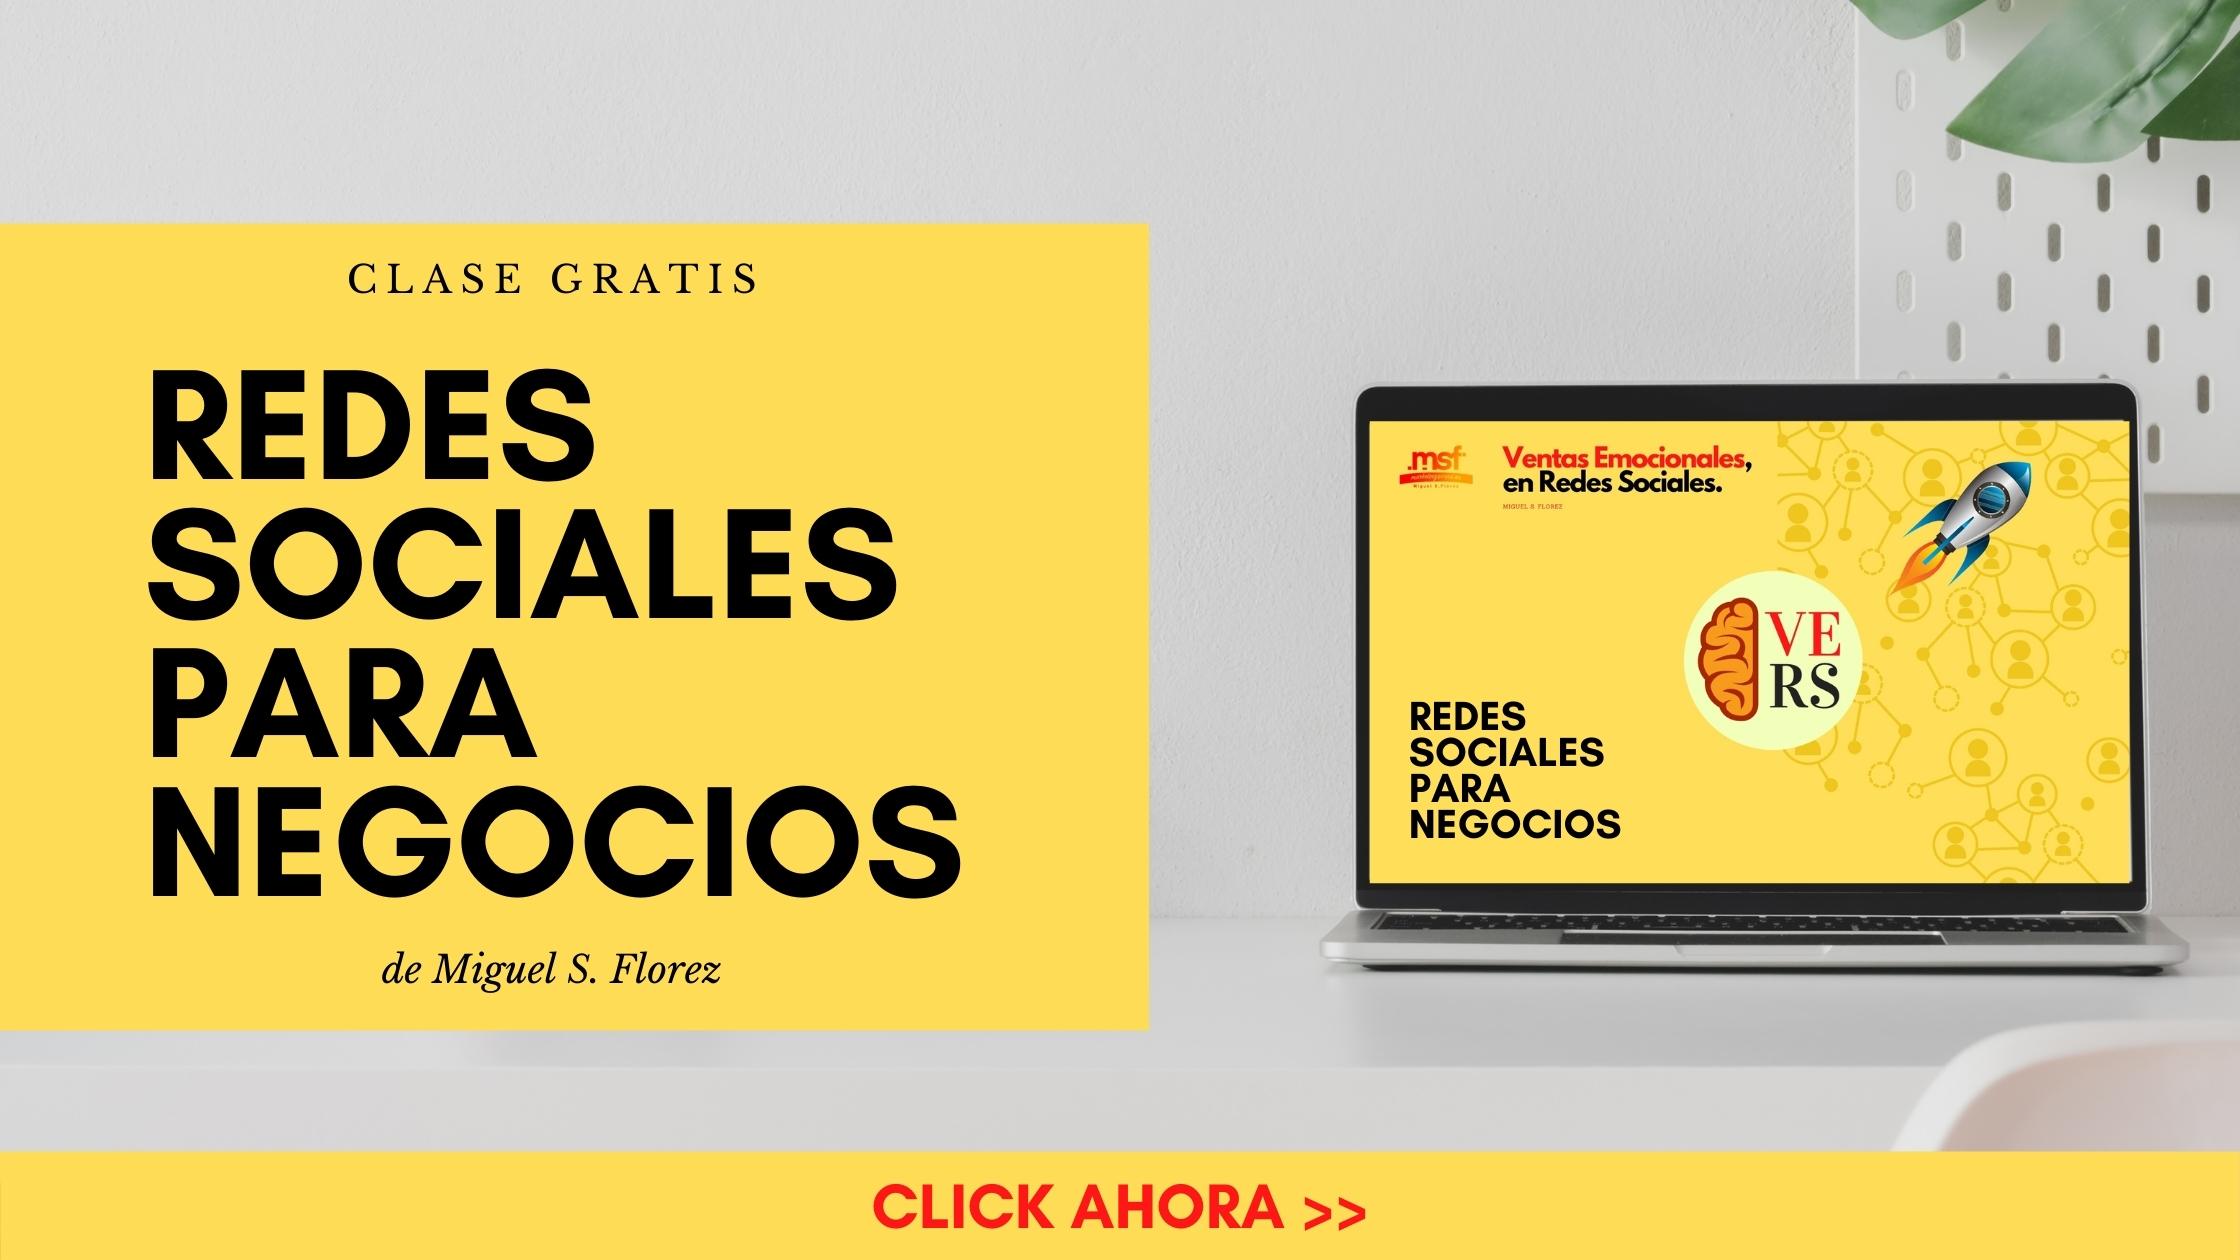 clase gratis de redes sociales para negocios